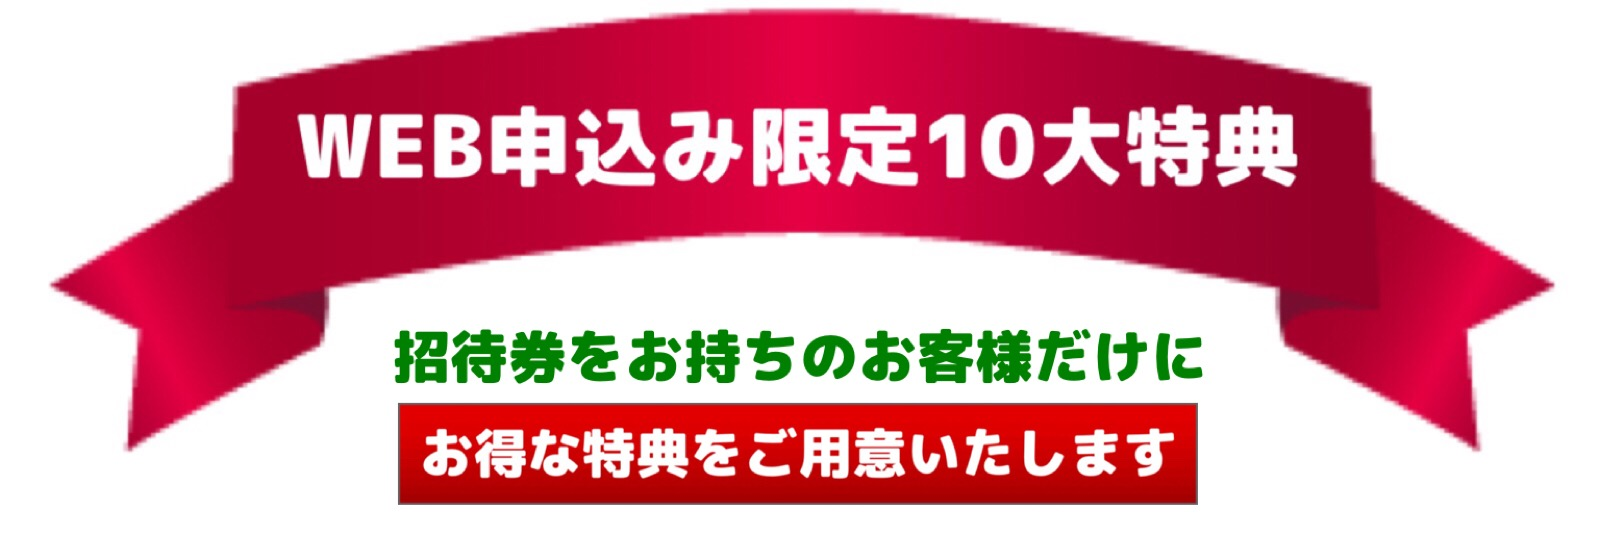 ソメイユ東京イベント特典